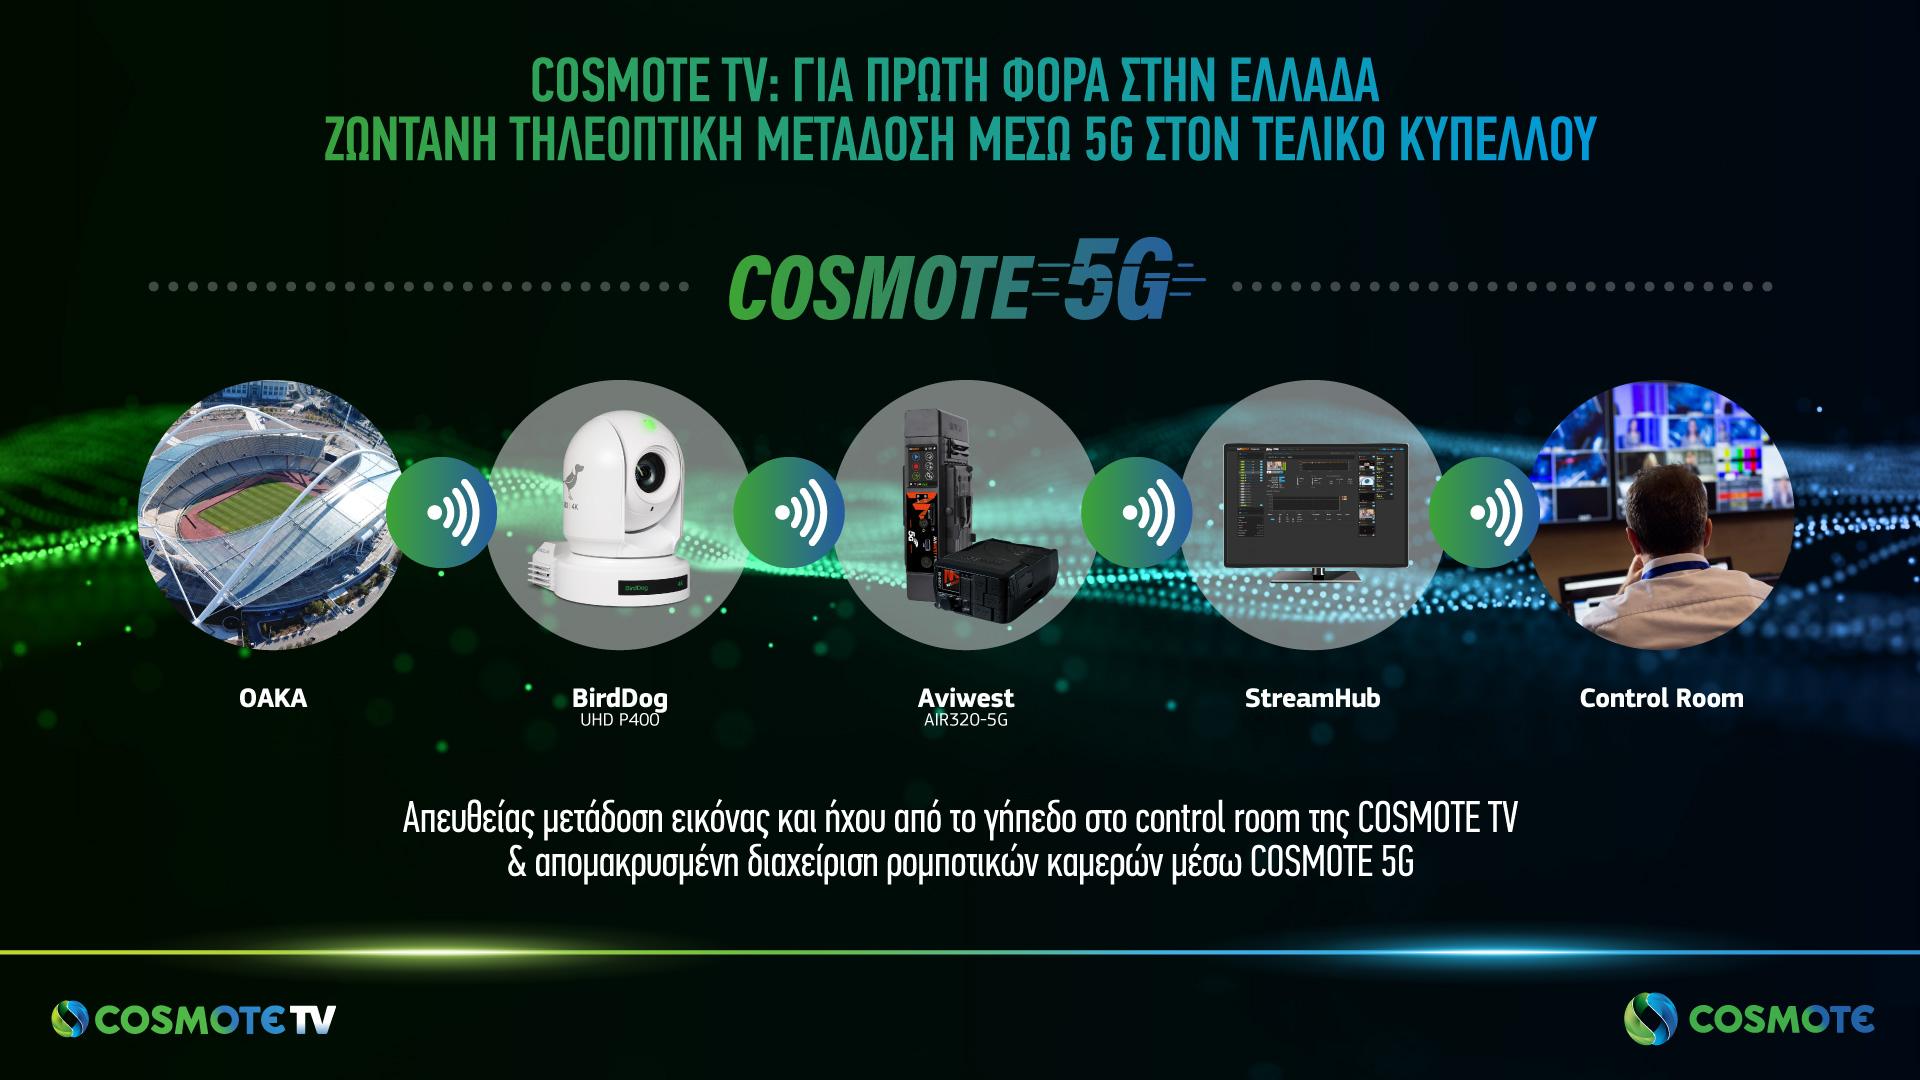 Το 5G θα αλλάξει στο μέλλον την εμπειρία θέασης